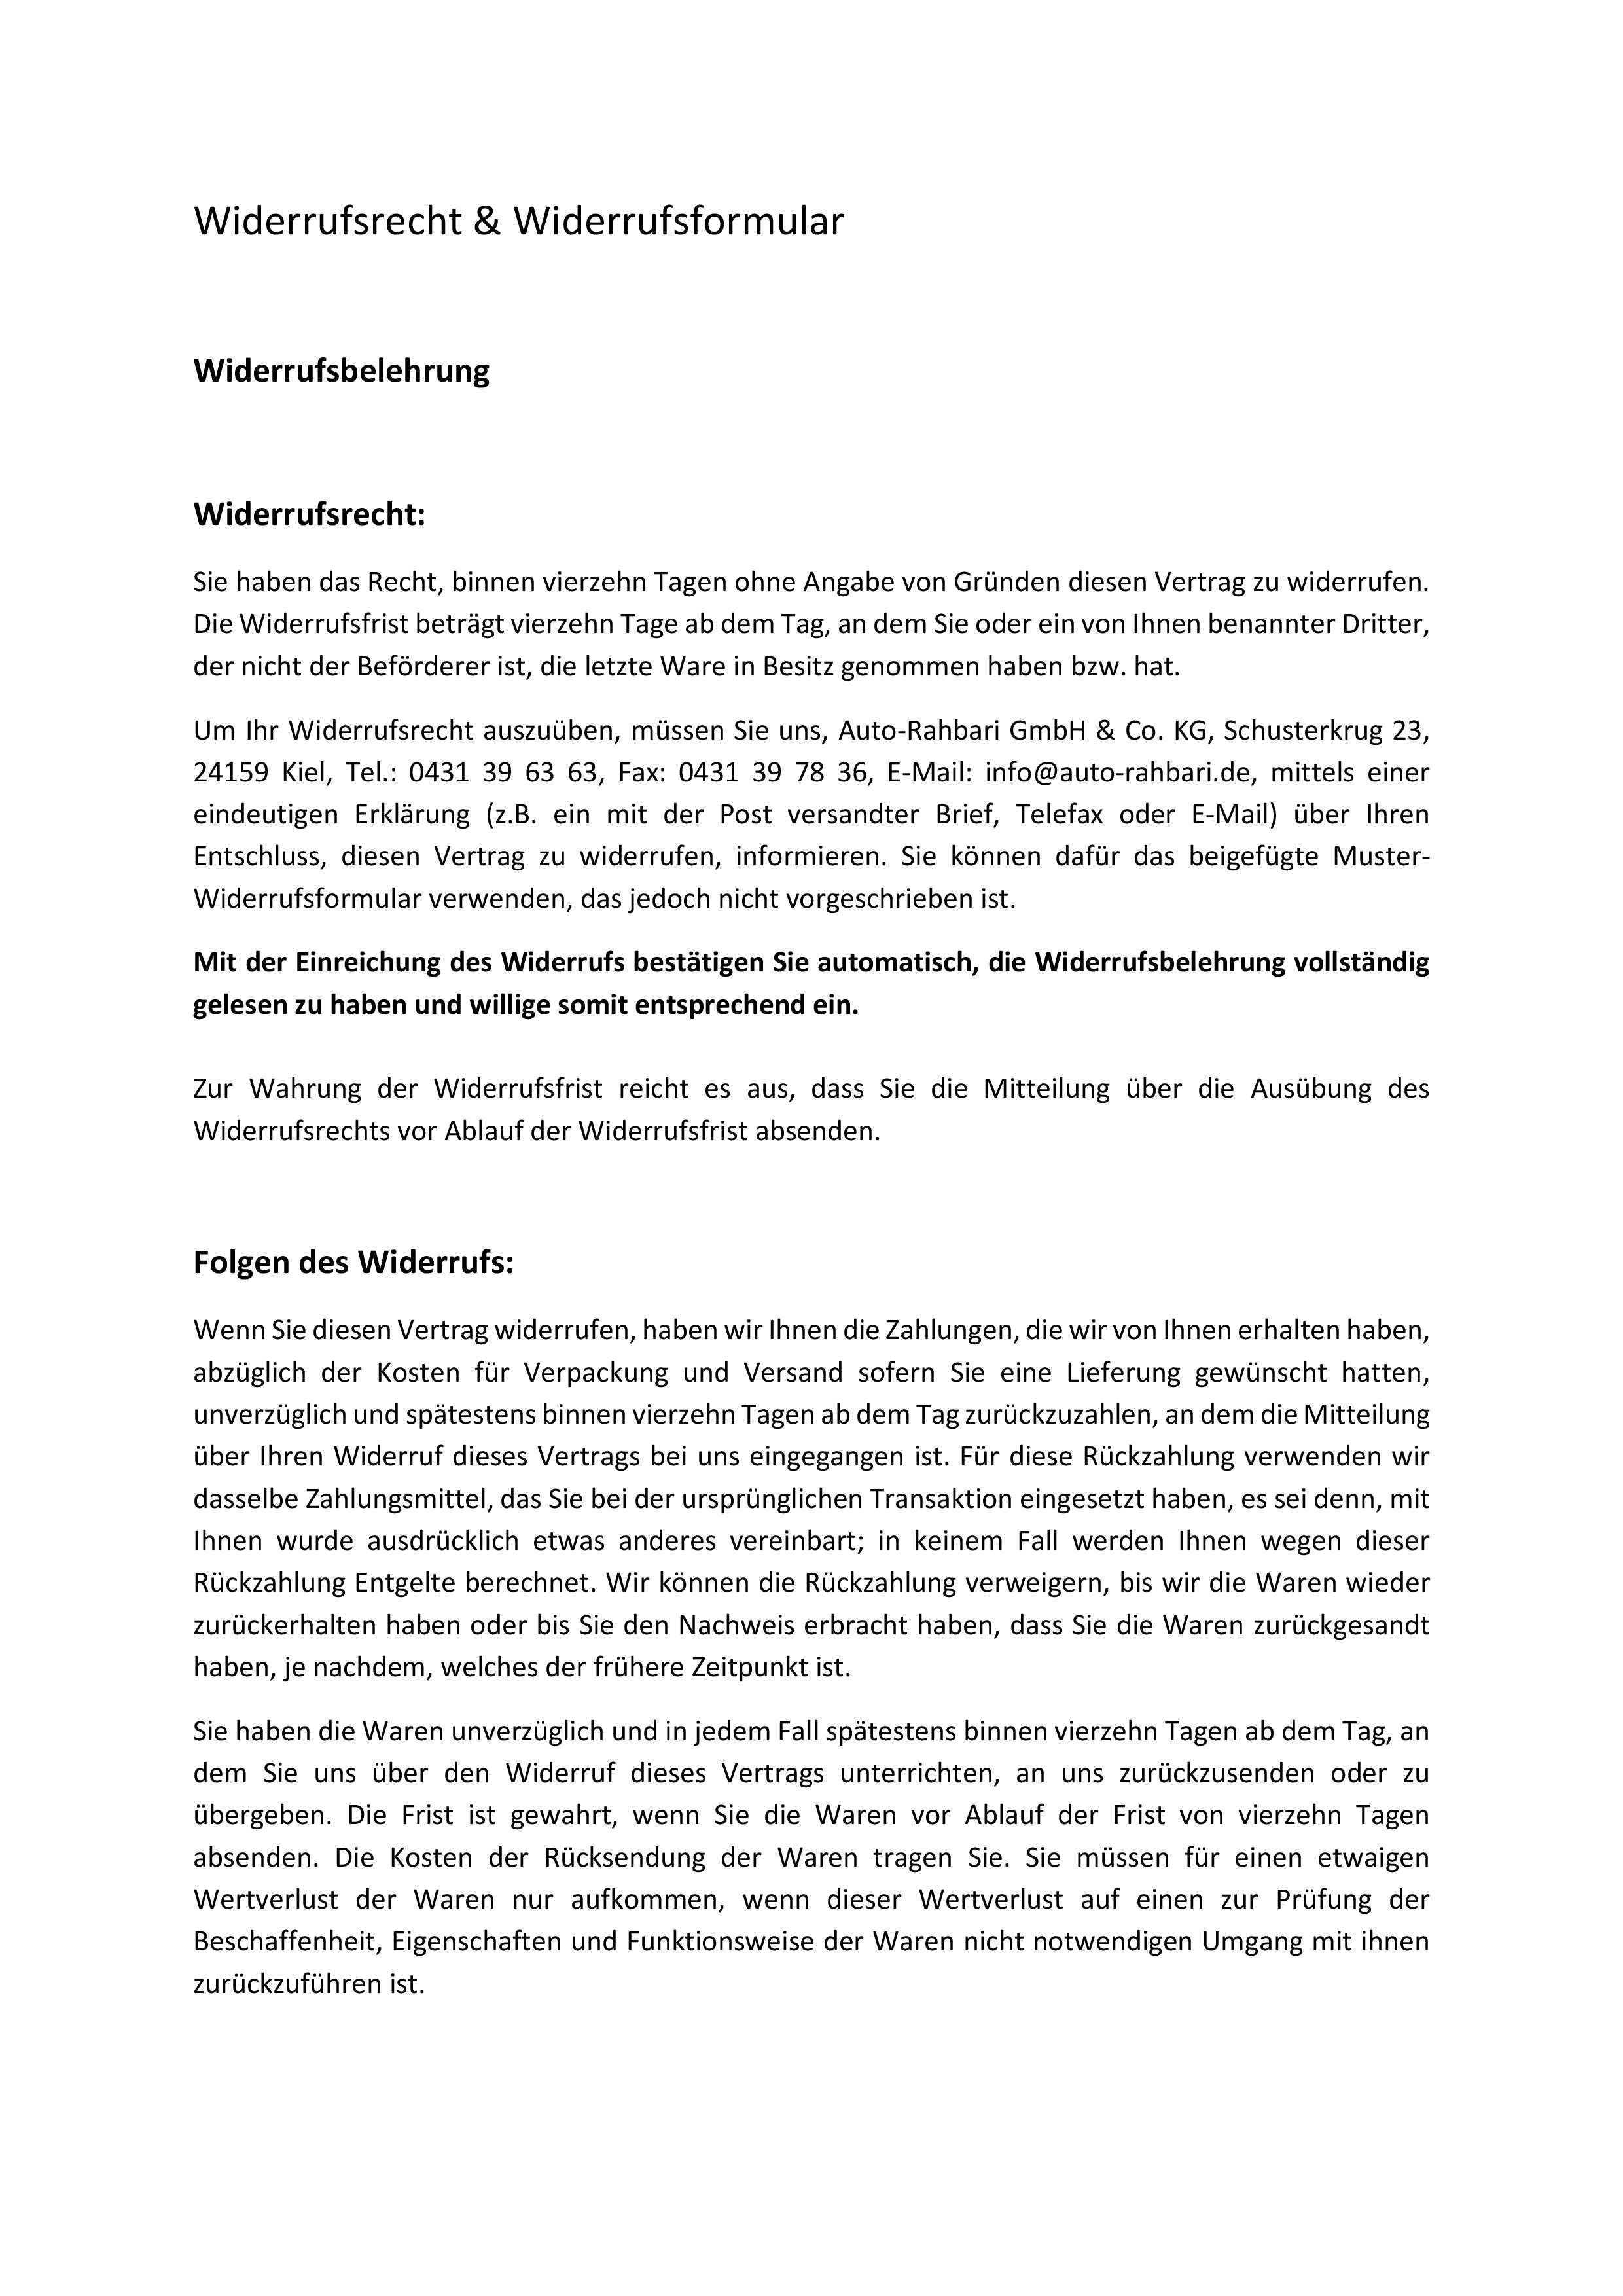 Widerrufsrecht Widerrufsformular Auto Rahbari